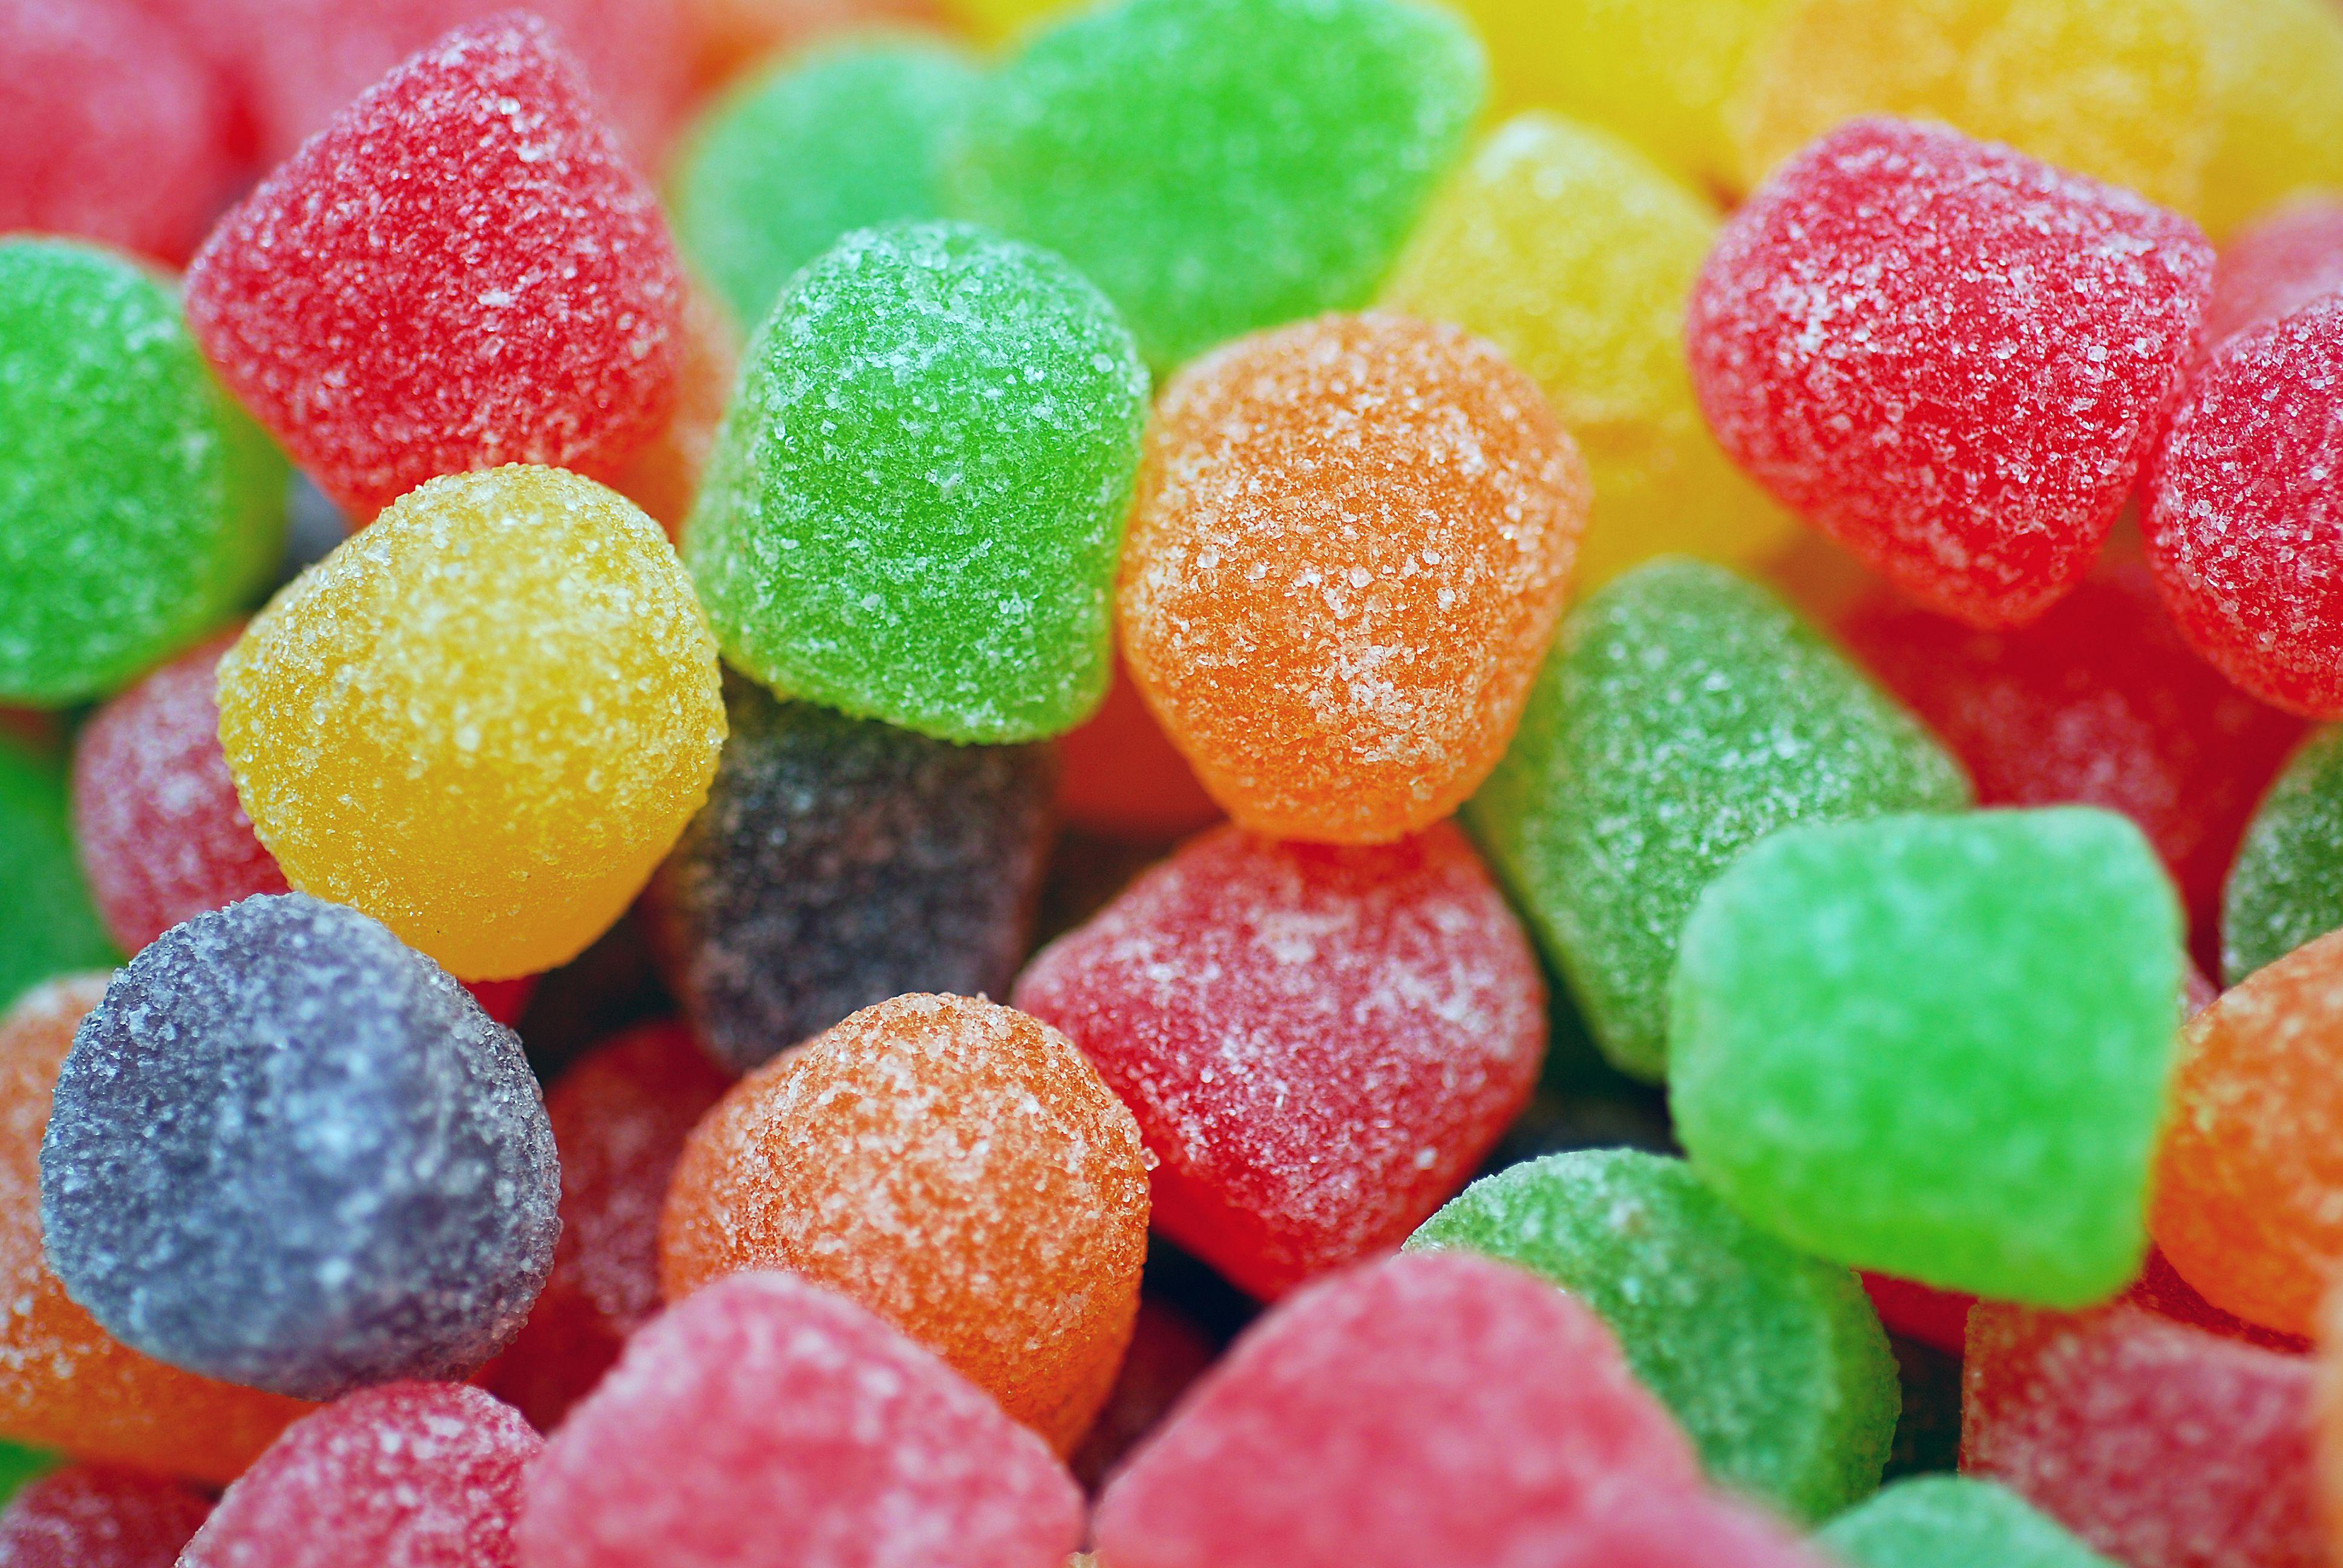 Colored gumdrops